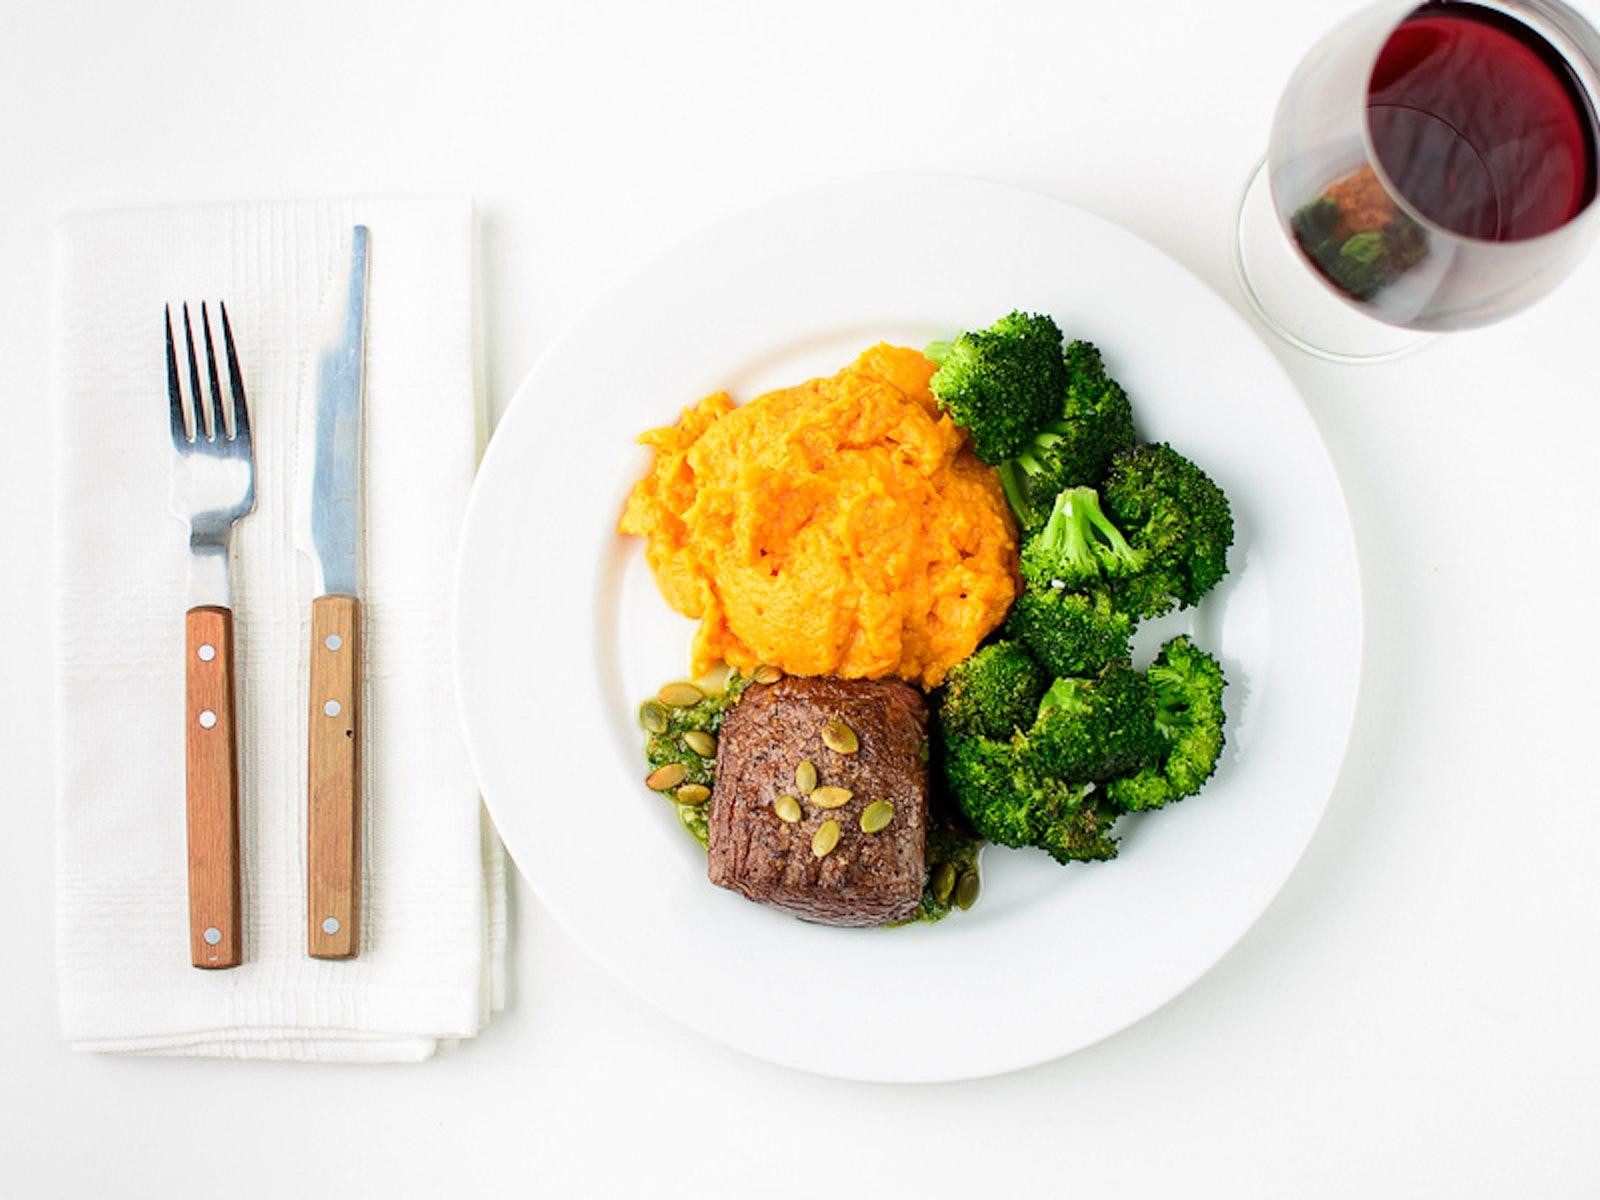 White apron dc calories - Steak With Pumpkin Seed Pesto